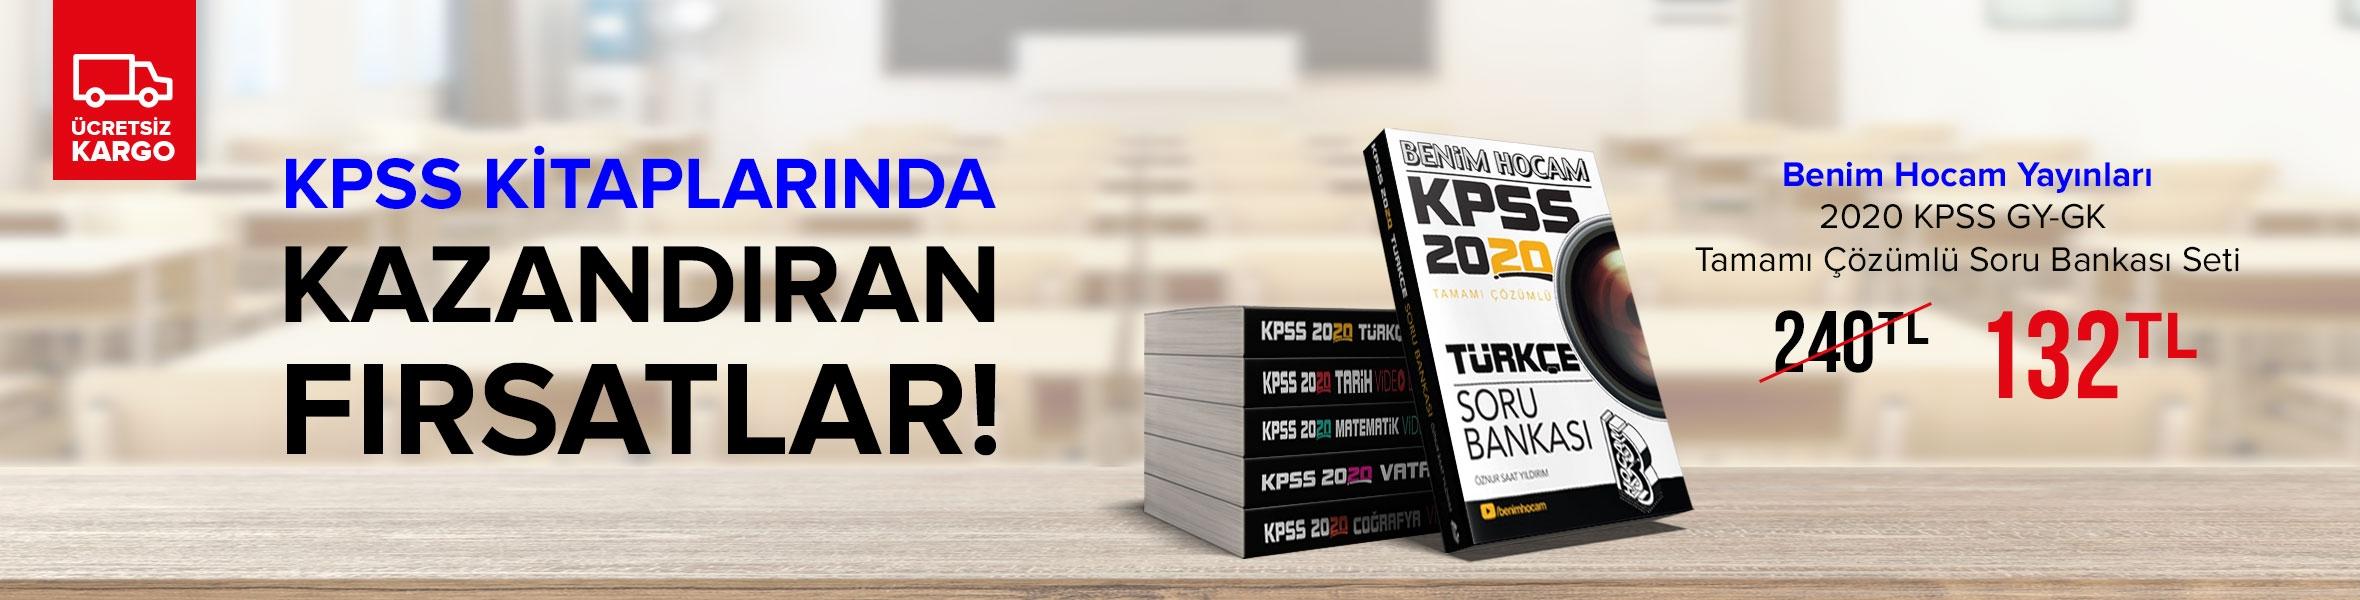 KPSS Kitaplarında Fırsat